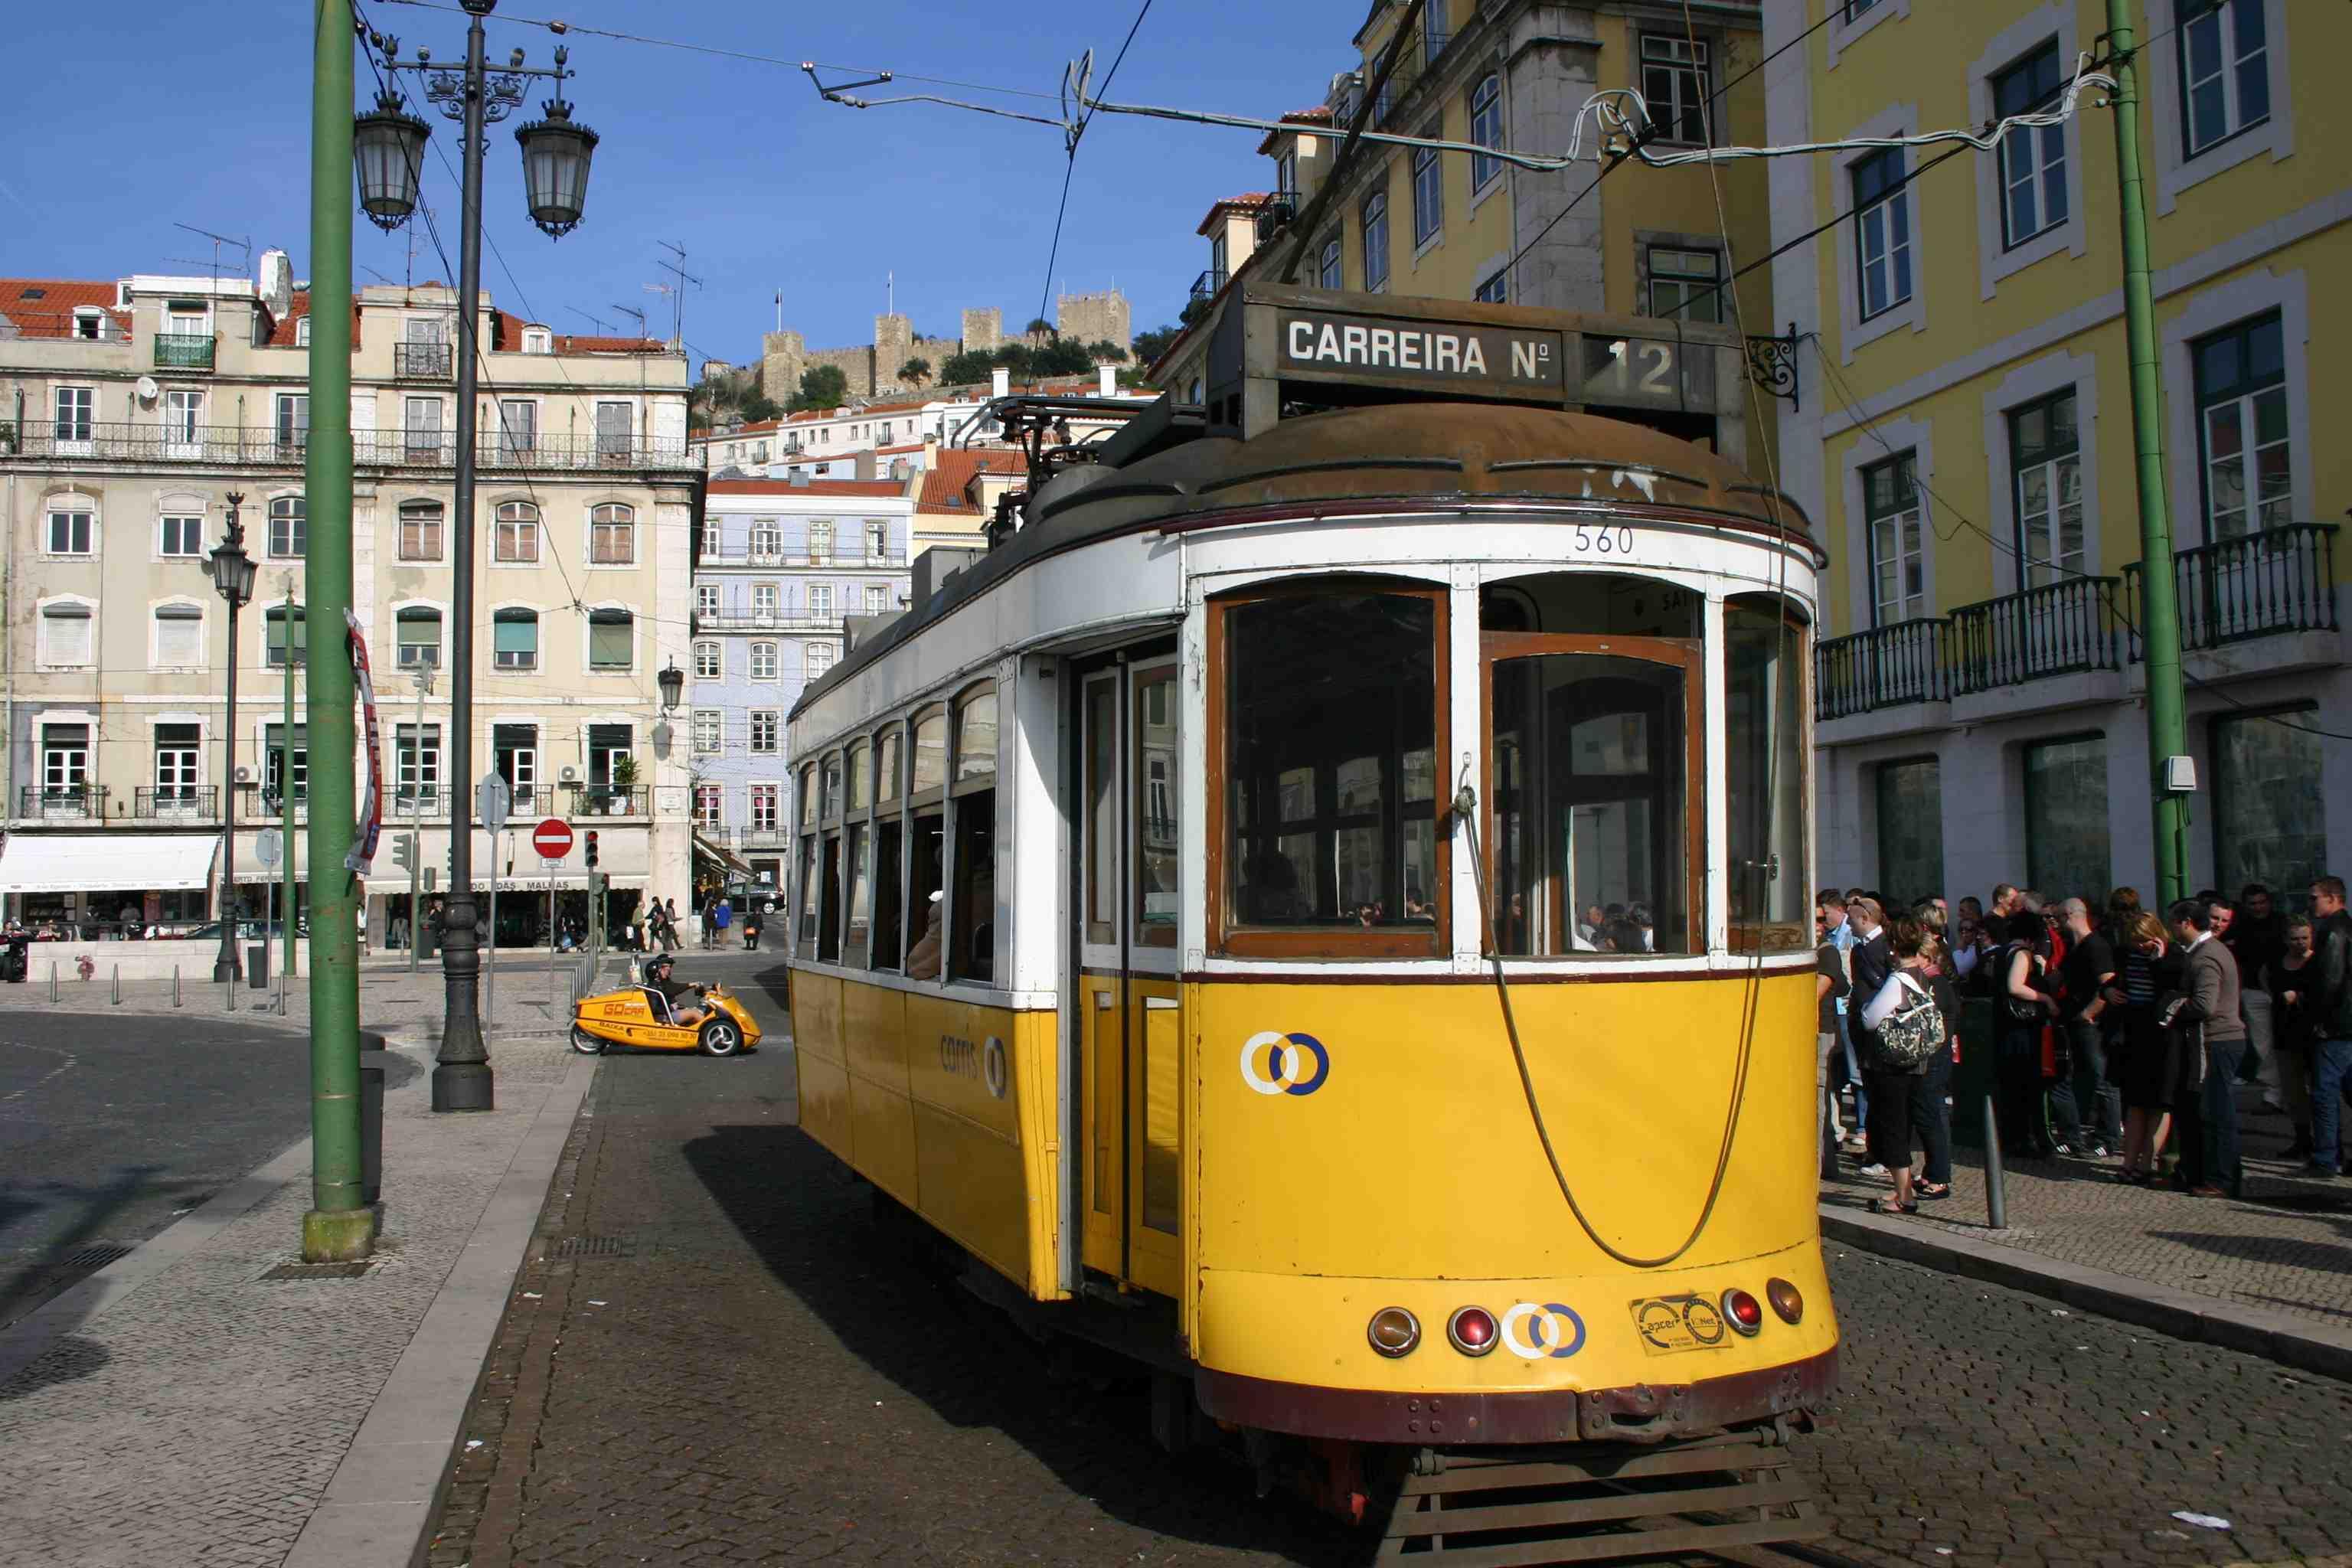 Carreira#12, Straßenbahn im Hintergrund Blick zur festung von Lissabon, Foto: Niedermeier